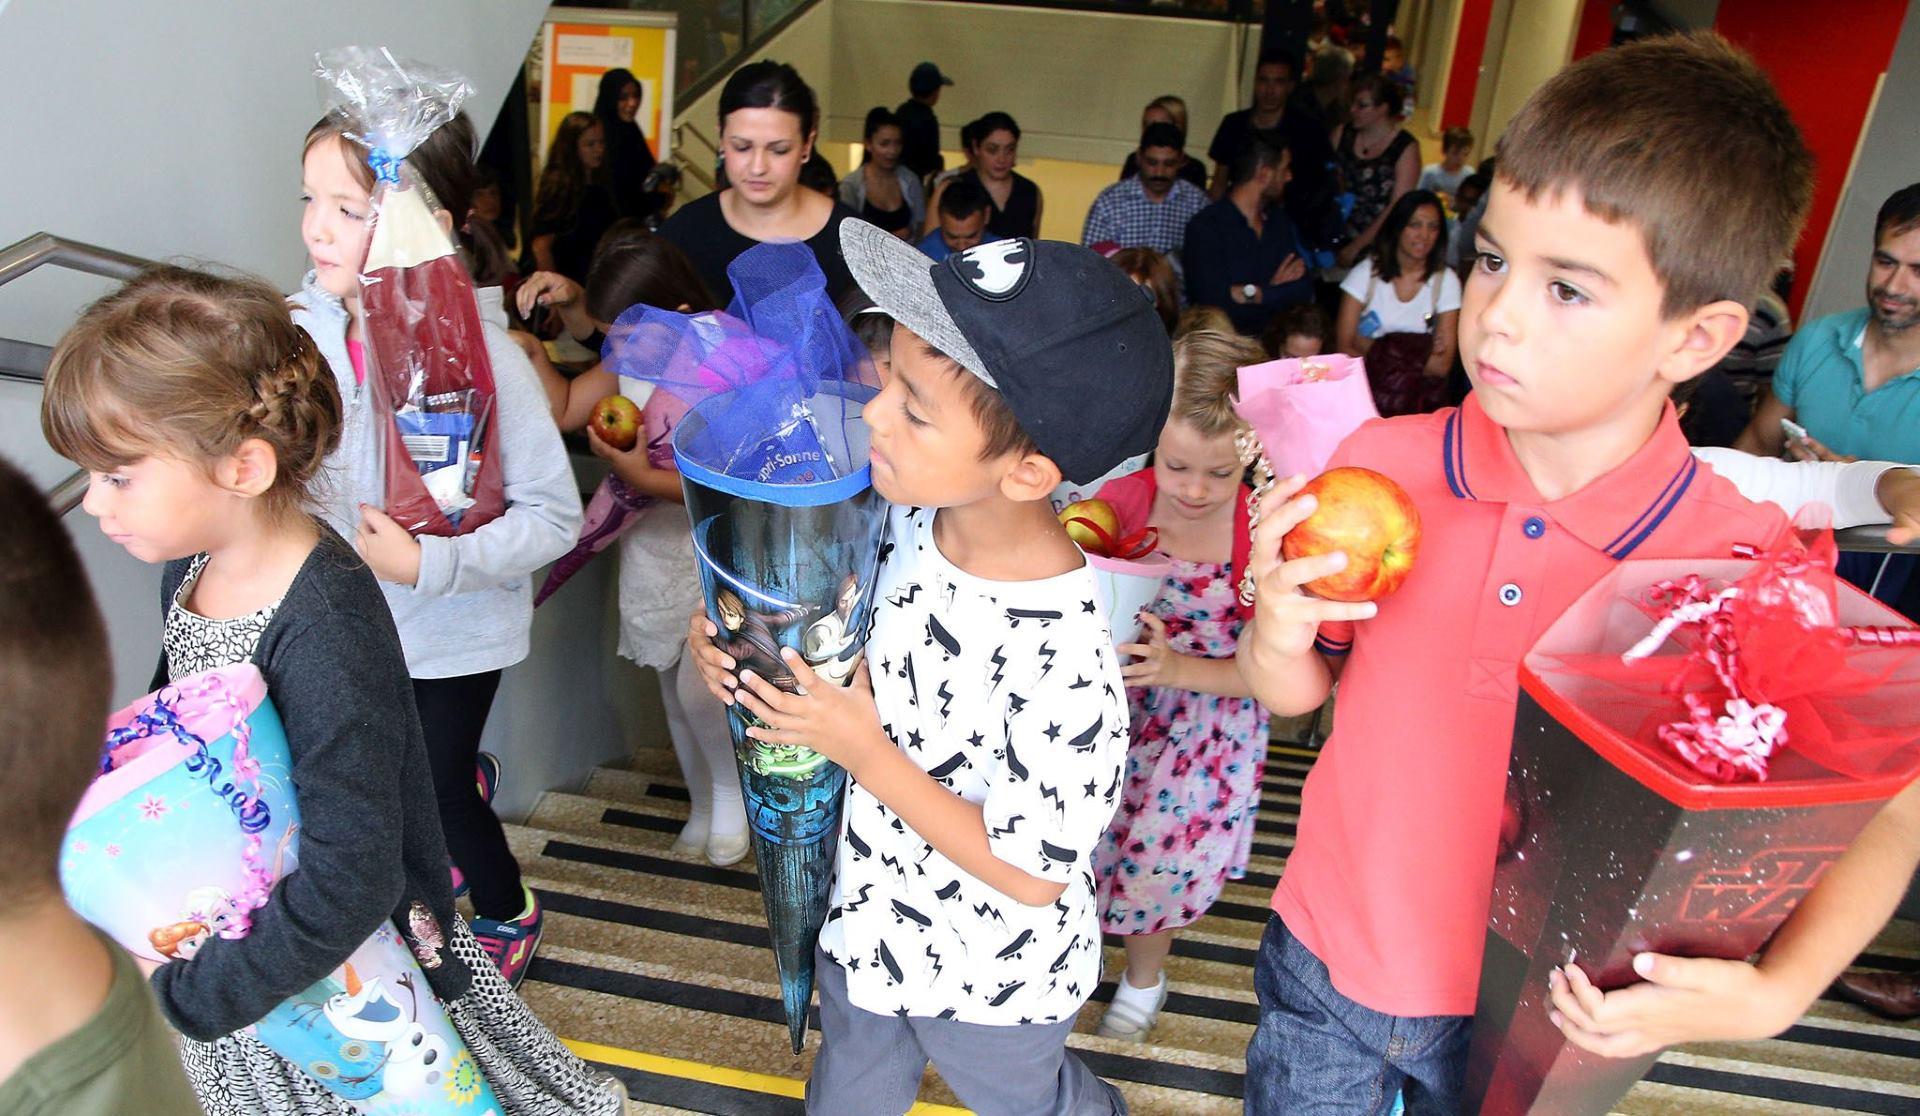 Grad Beč uspješno provodi Paket mjera za sanaciju škola i smanjuje birokraciju u obrazovanju